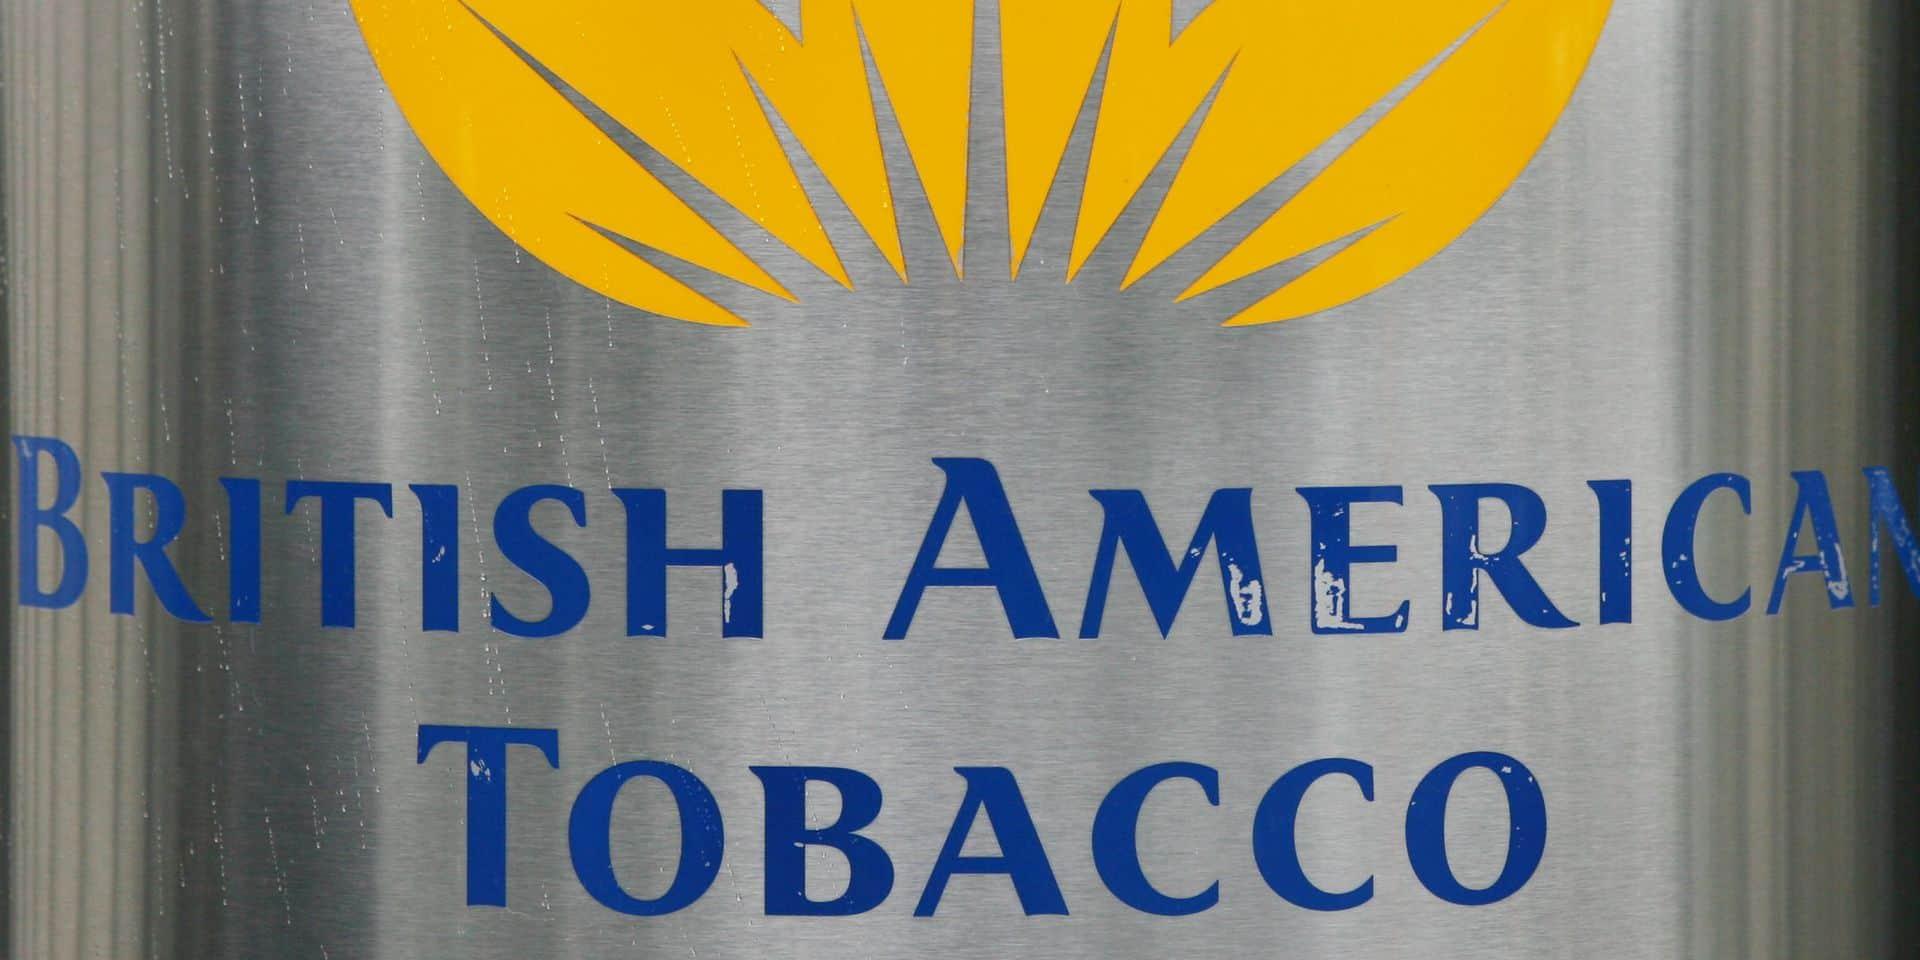 Le cigarettier British American Tobacco annonce la suppression de 2.300 emplois